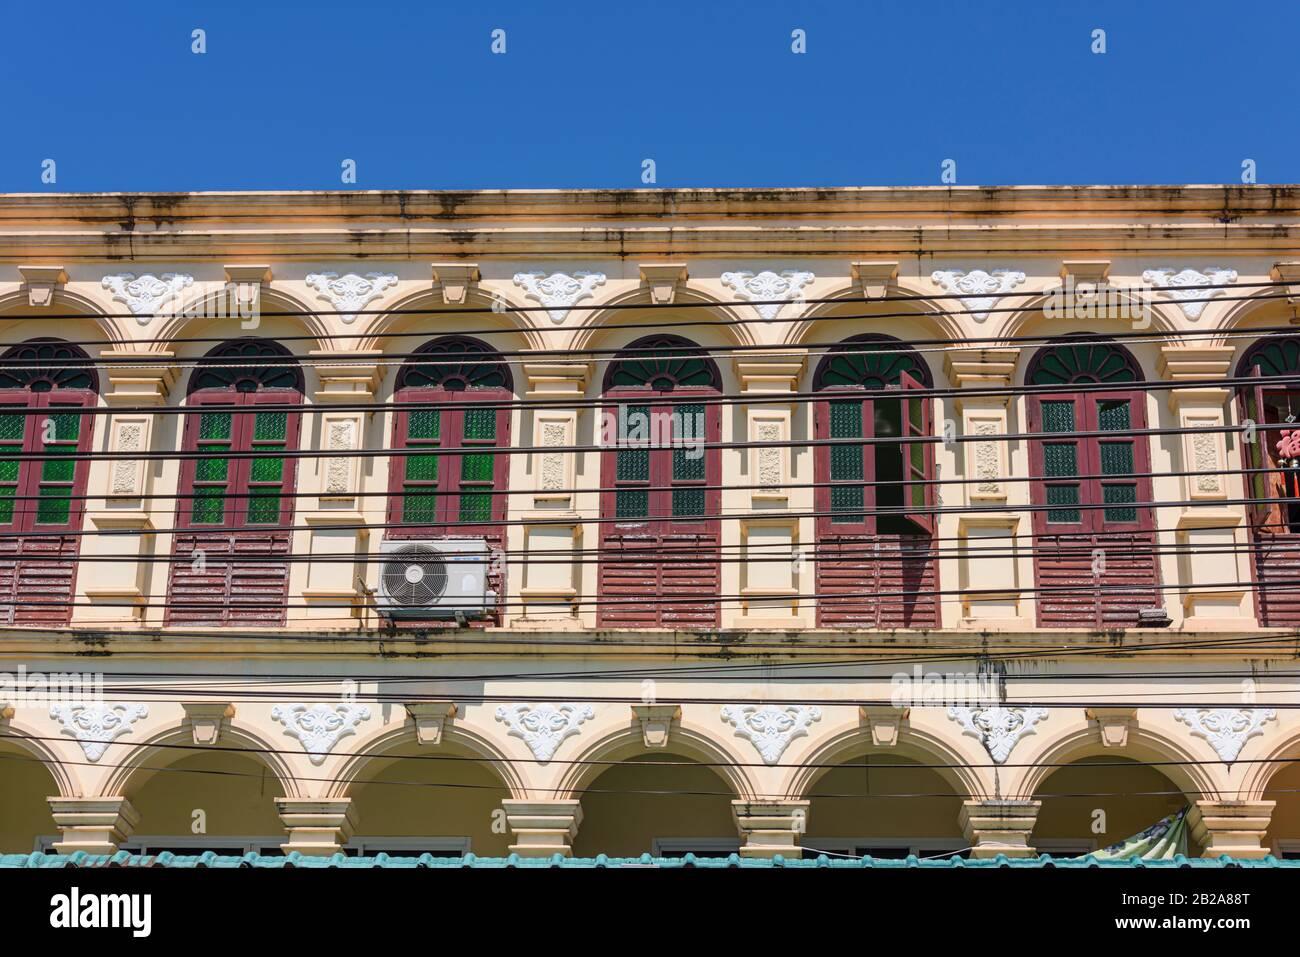 Cables eléctricos estirados frente a un edificio sino-portugués con muchas ventanas, Tailandia Foto de stock